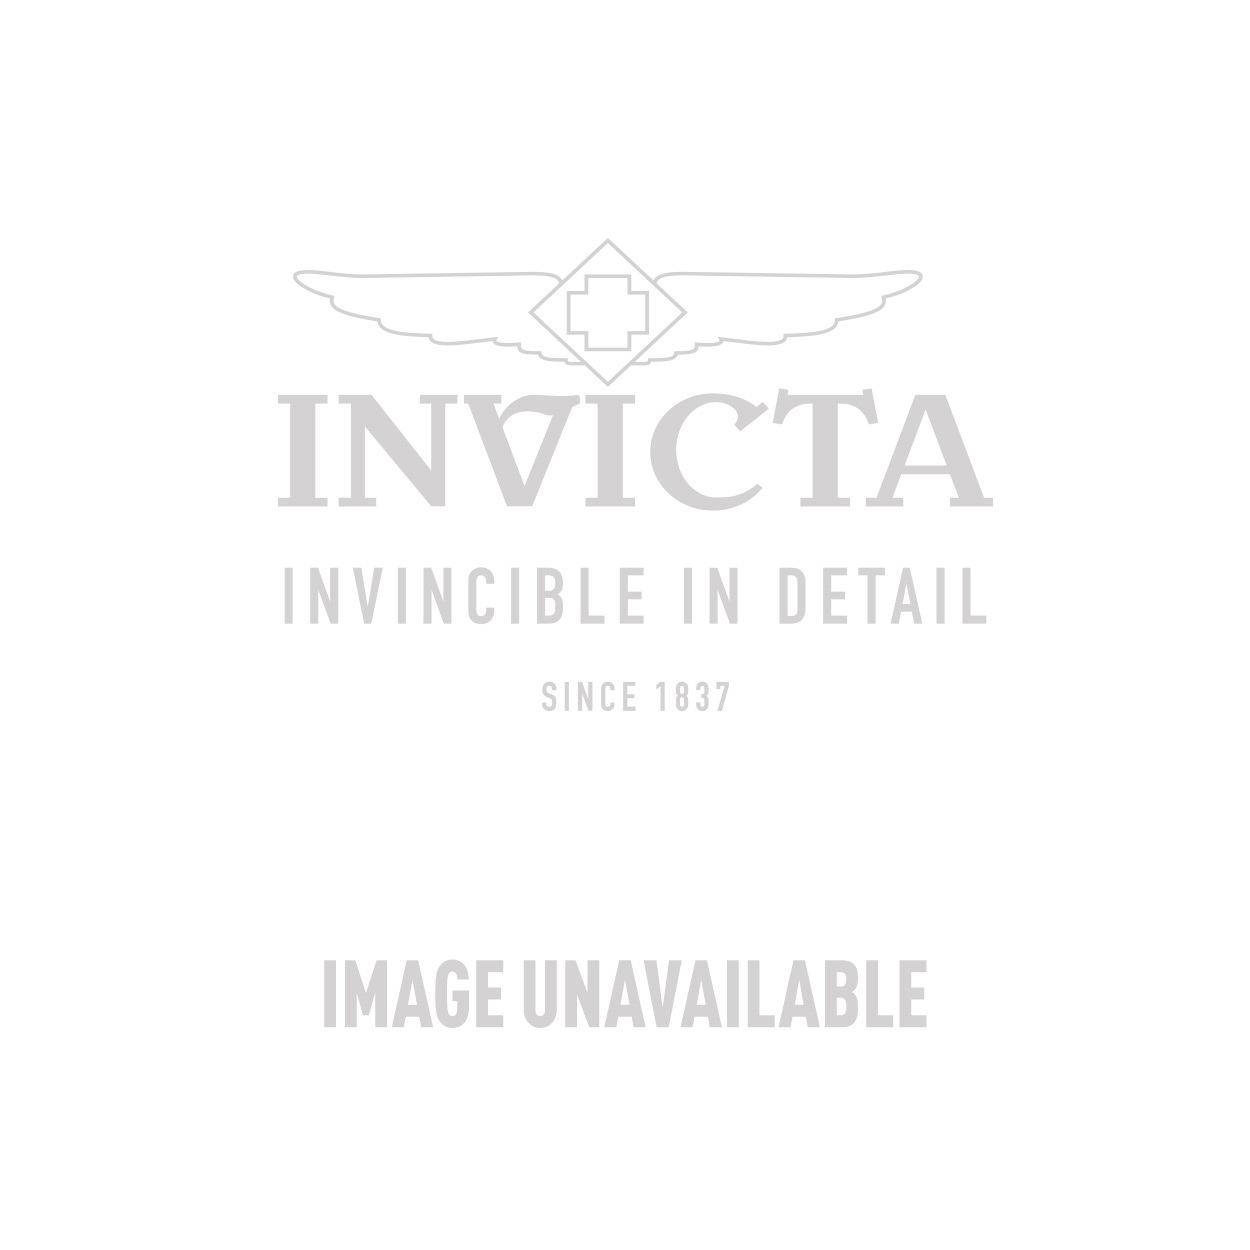 Invicta Model 29109